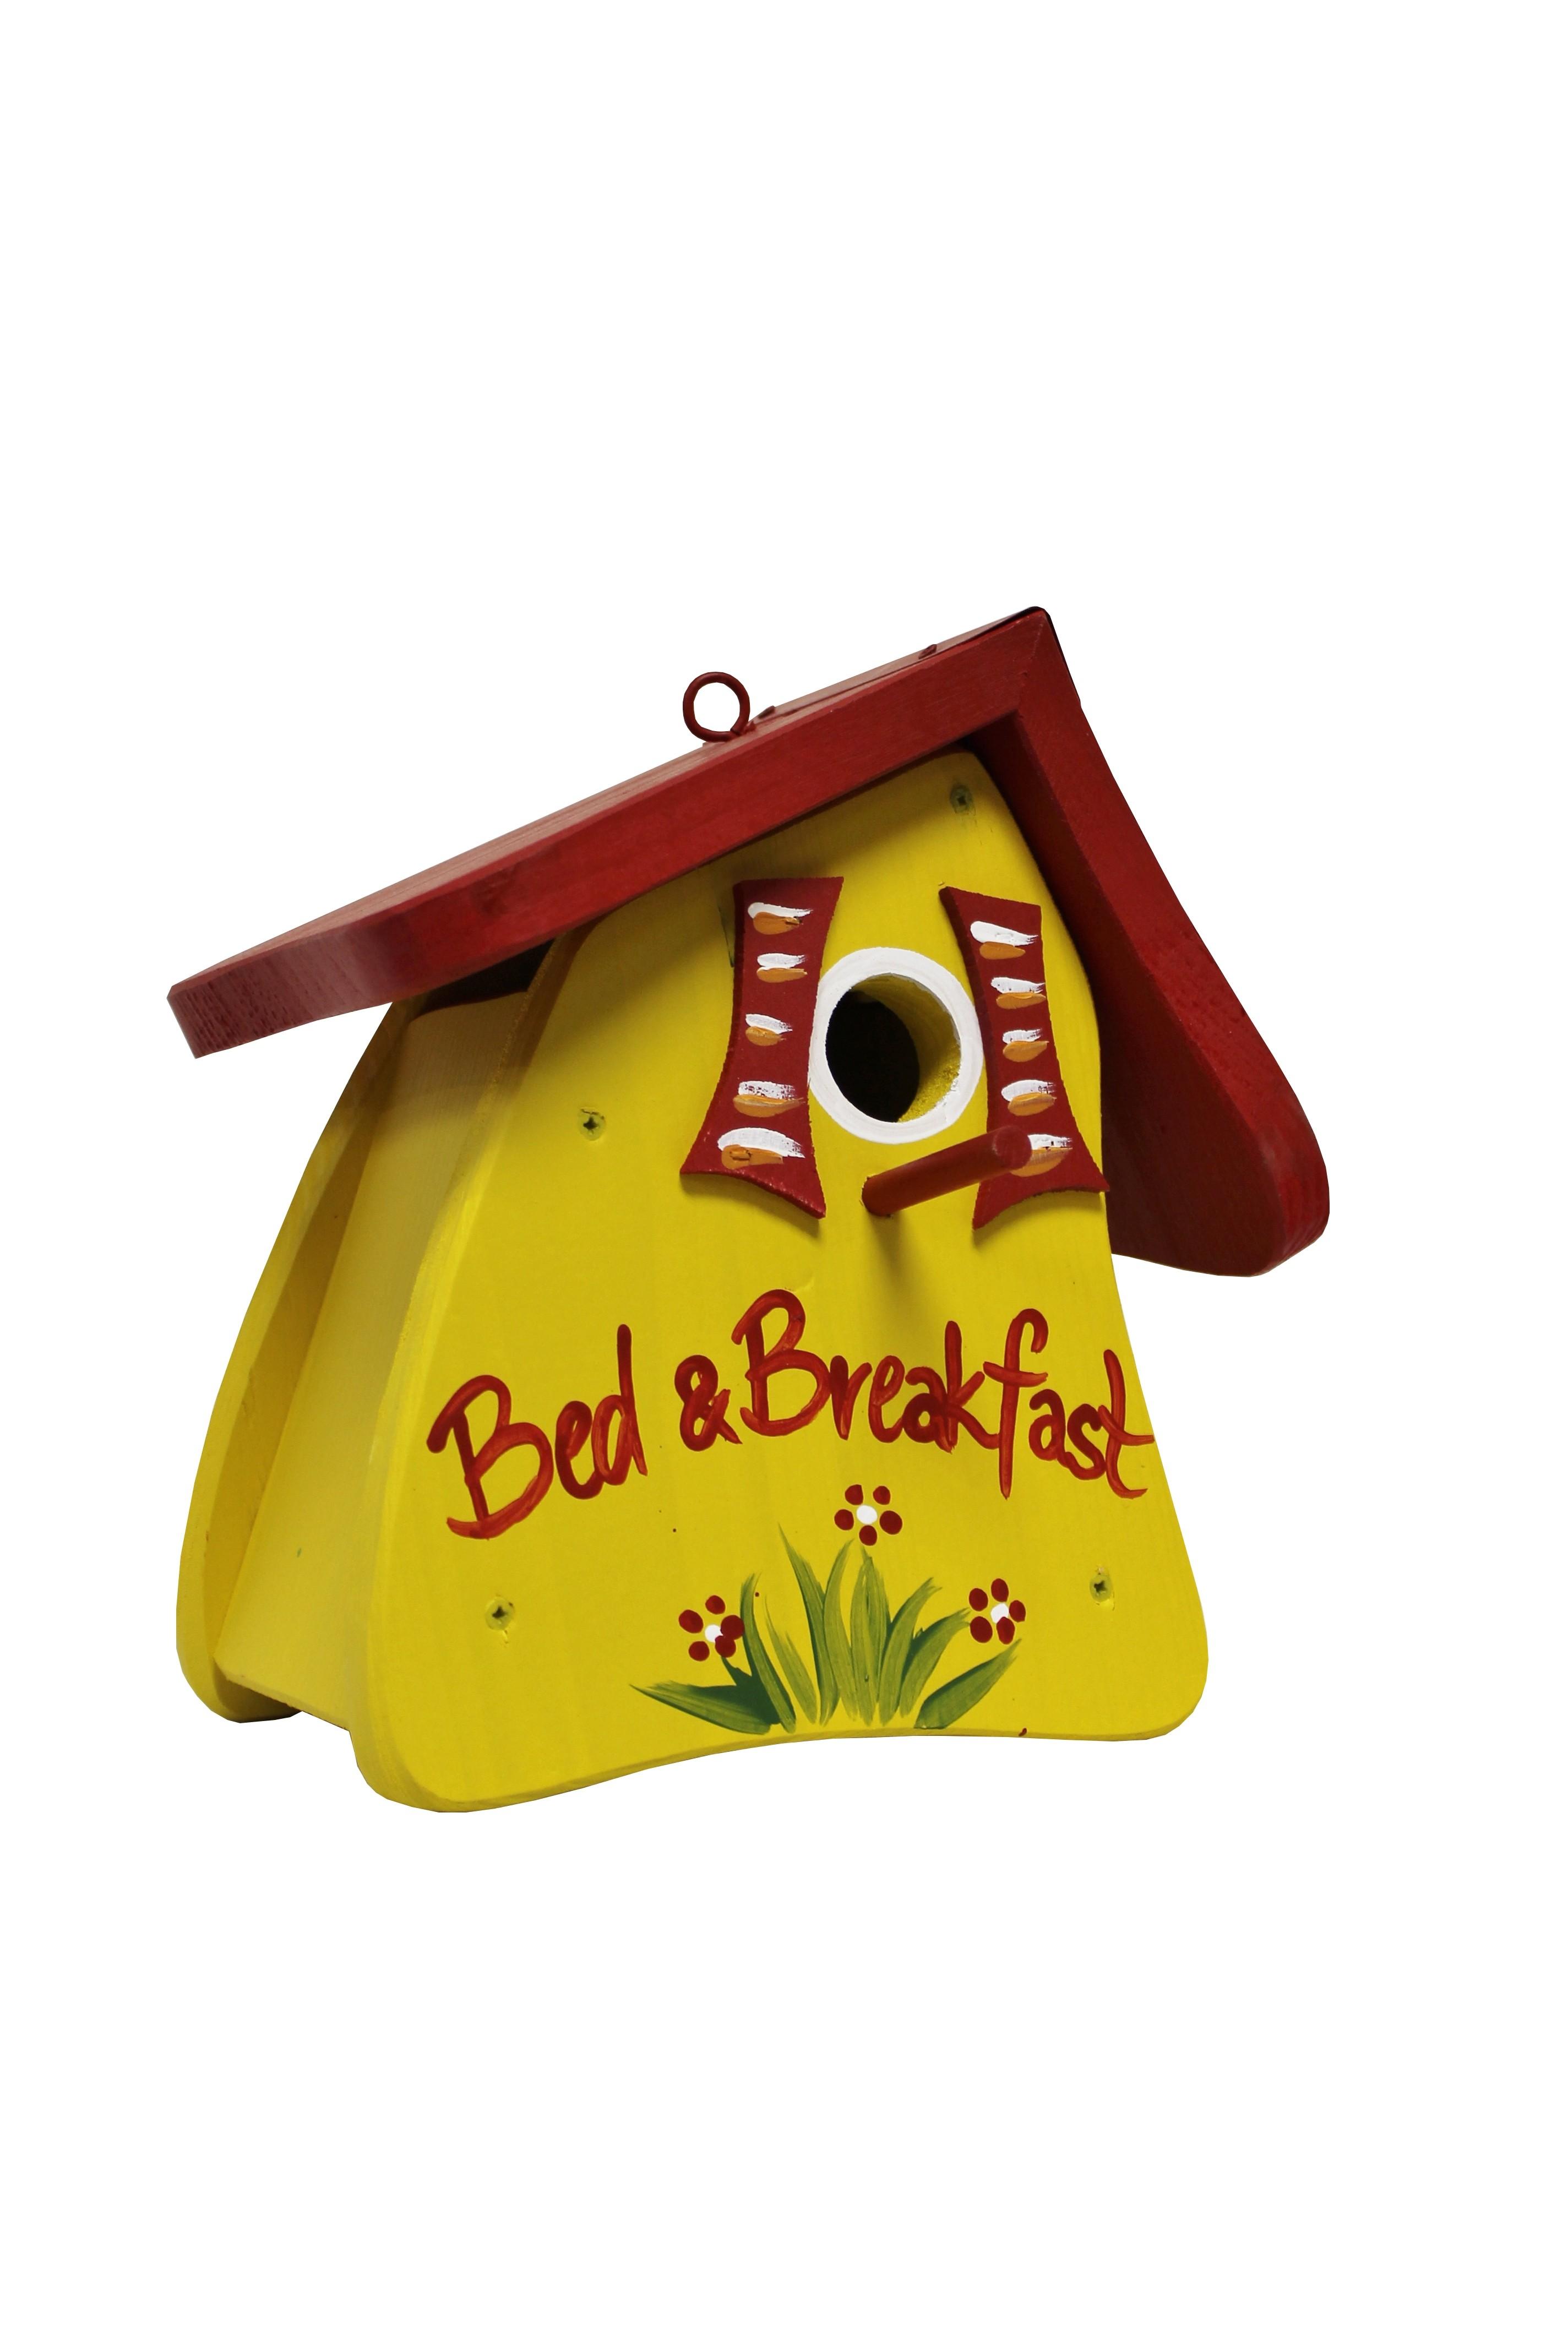 Bed & Breakfast Nistmini von Die Vogelvilla